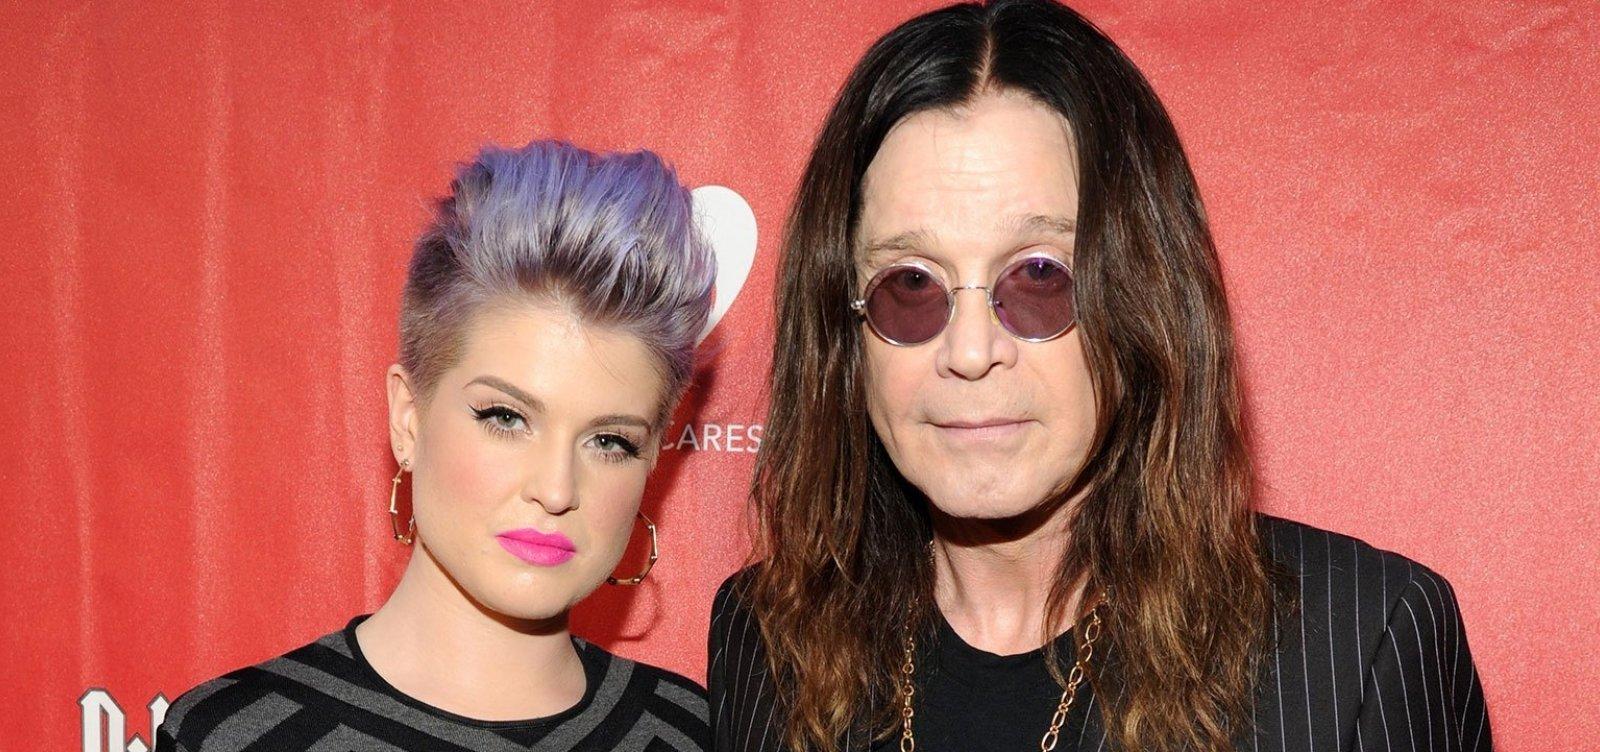 [Filha nega que Ozzy Osbourne esteja em leito de morte: 'Bobagem']